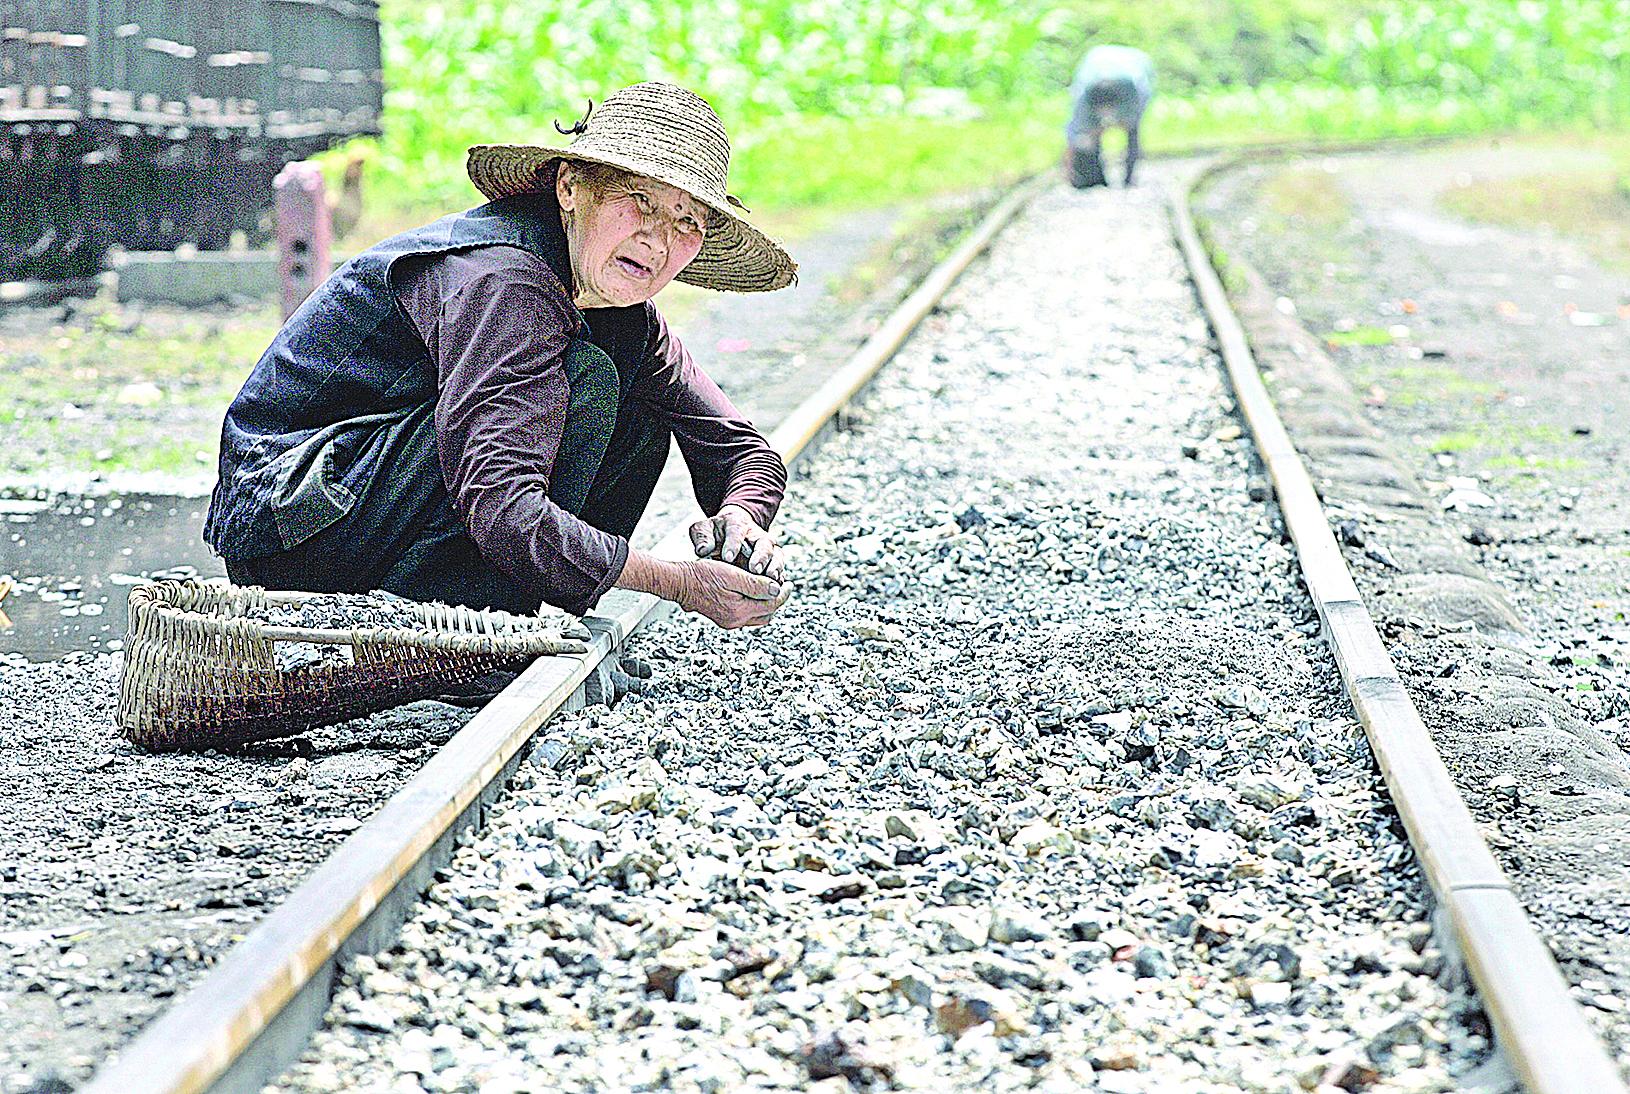 中國失去田地的農民,補償有限,早就淪為弱勢群體。(Getty Images)